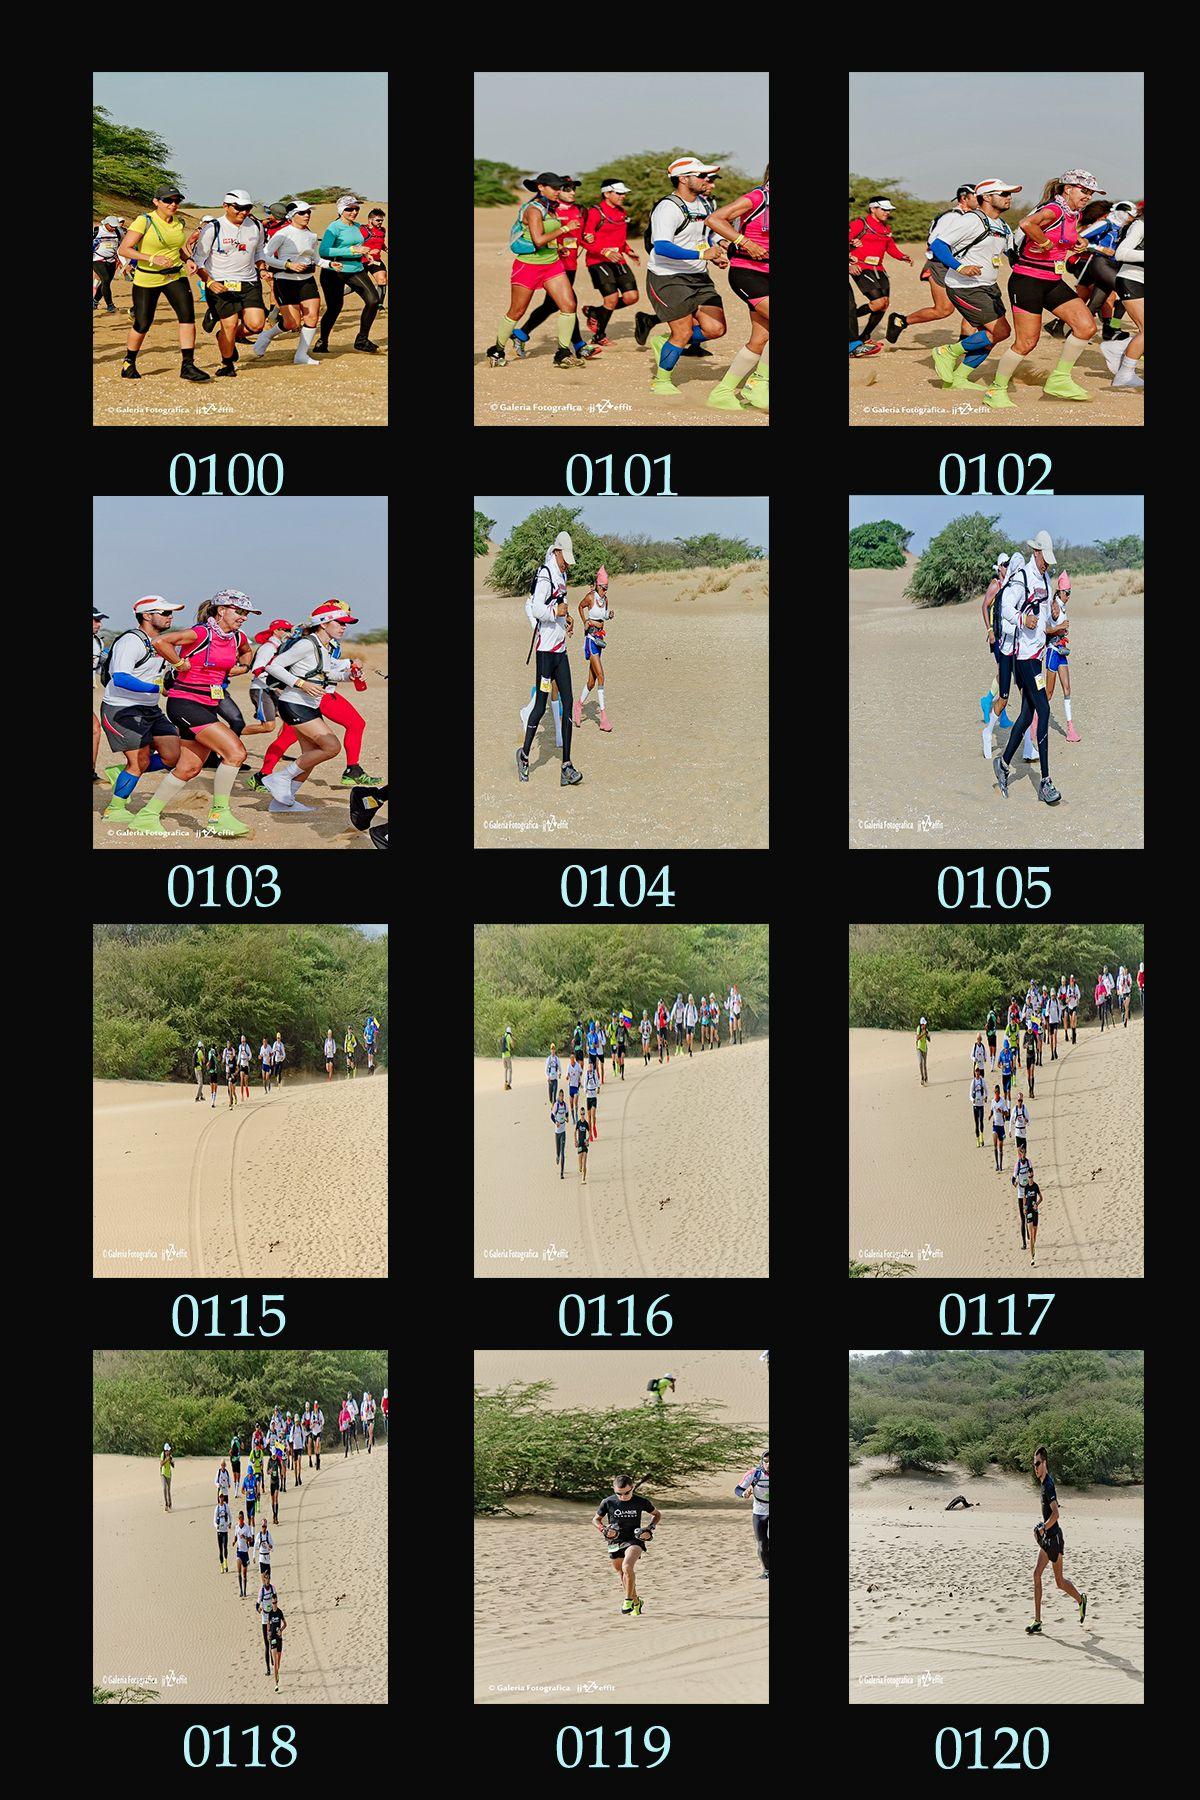 serie de fotos de la carrera extremo retosmedanos realizada en los medanos de coro buscame en facebbok como jjdeffit para mas detalles